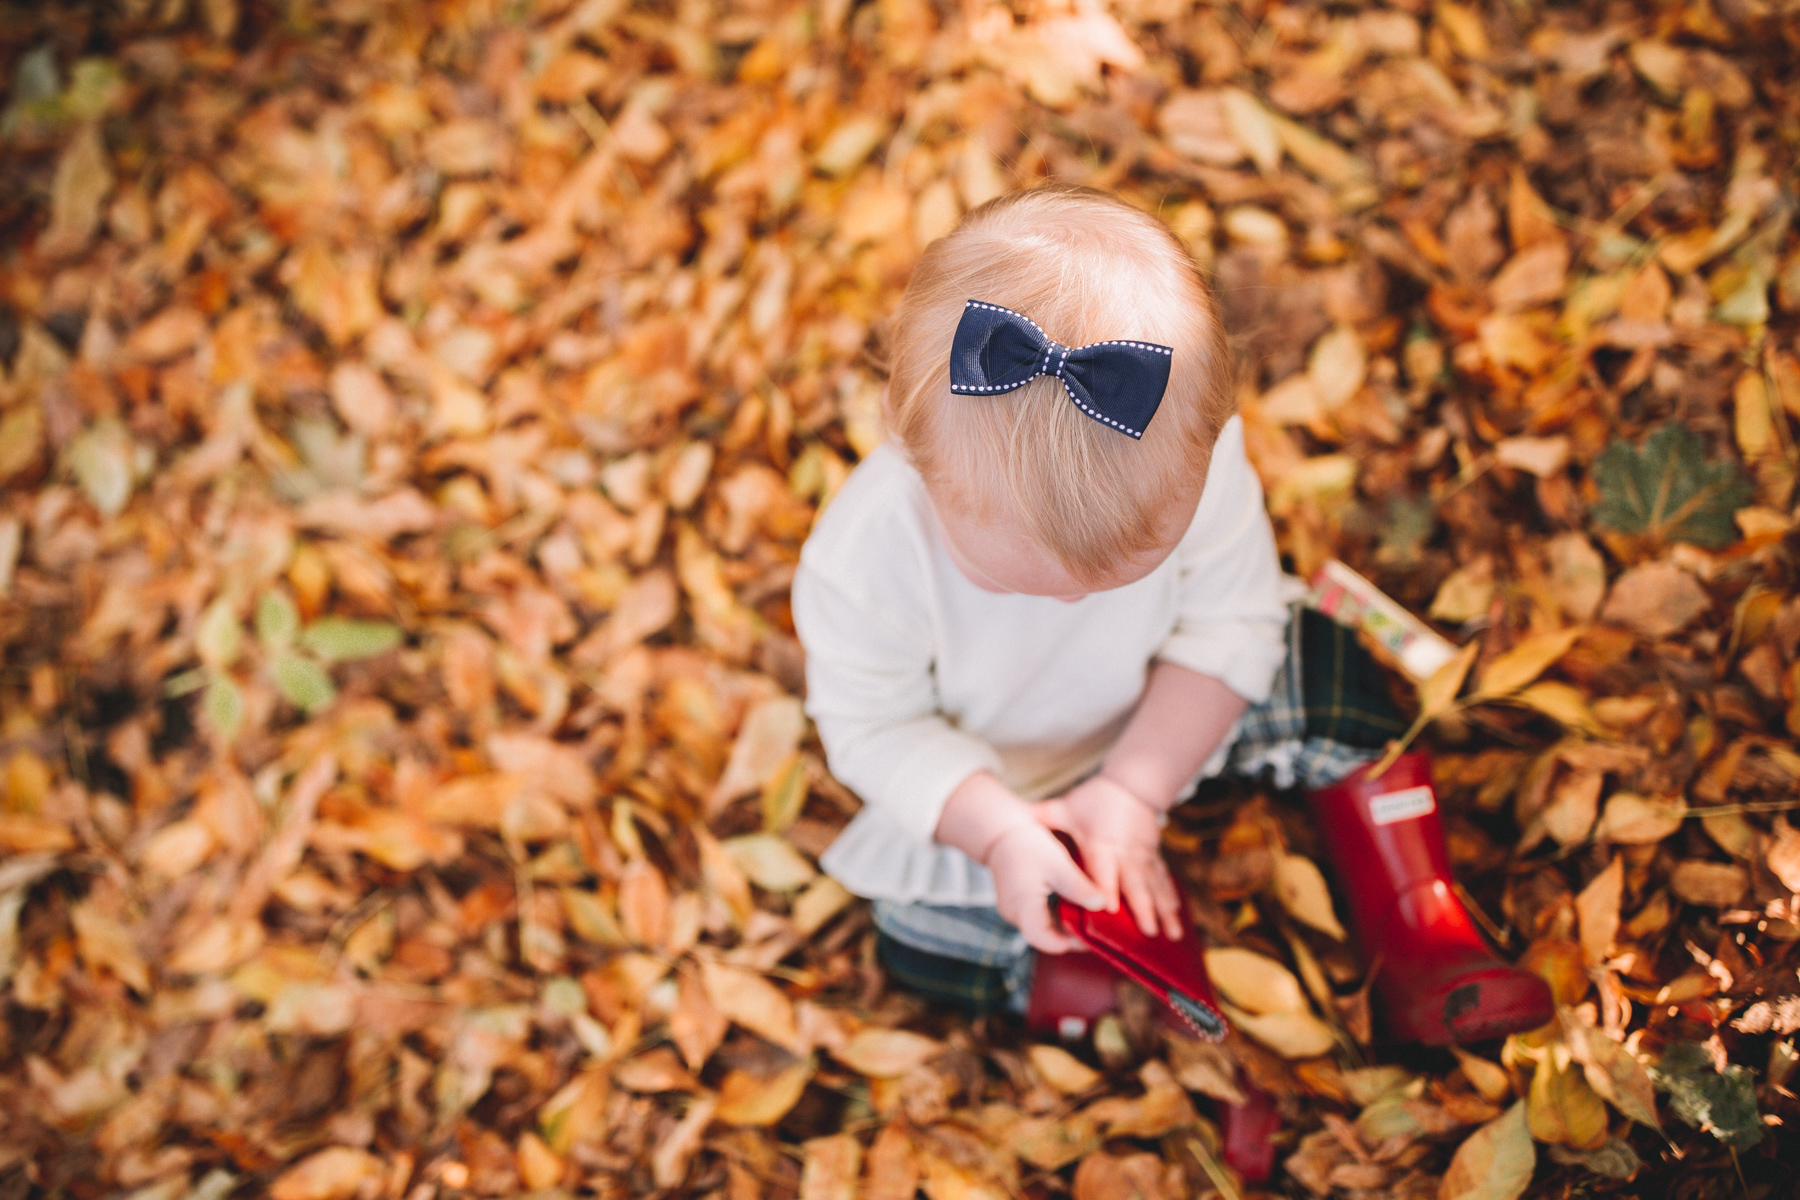 Baby fall photoshoot ideas